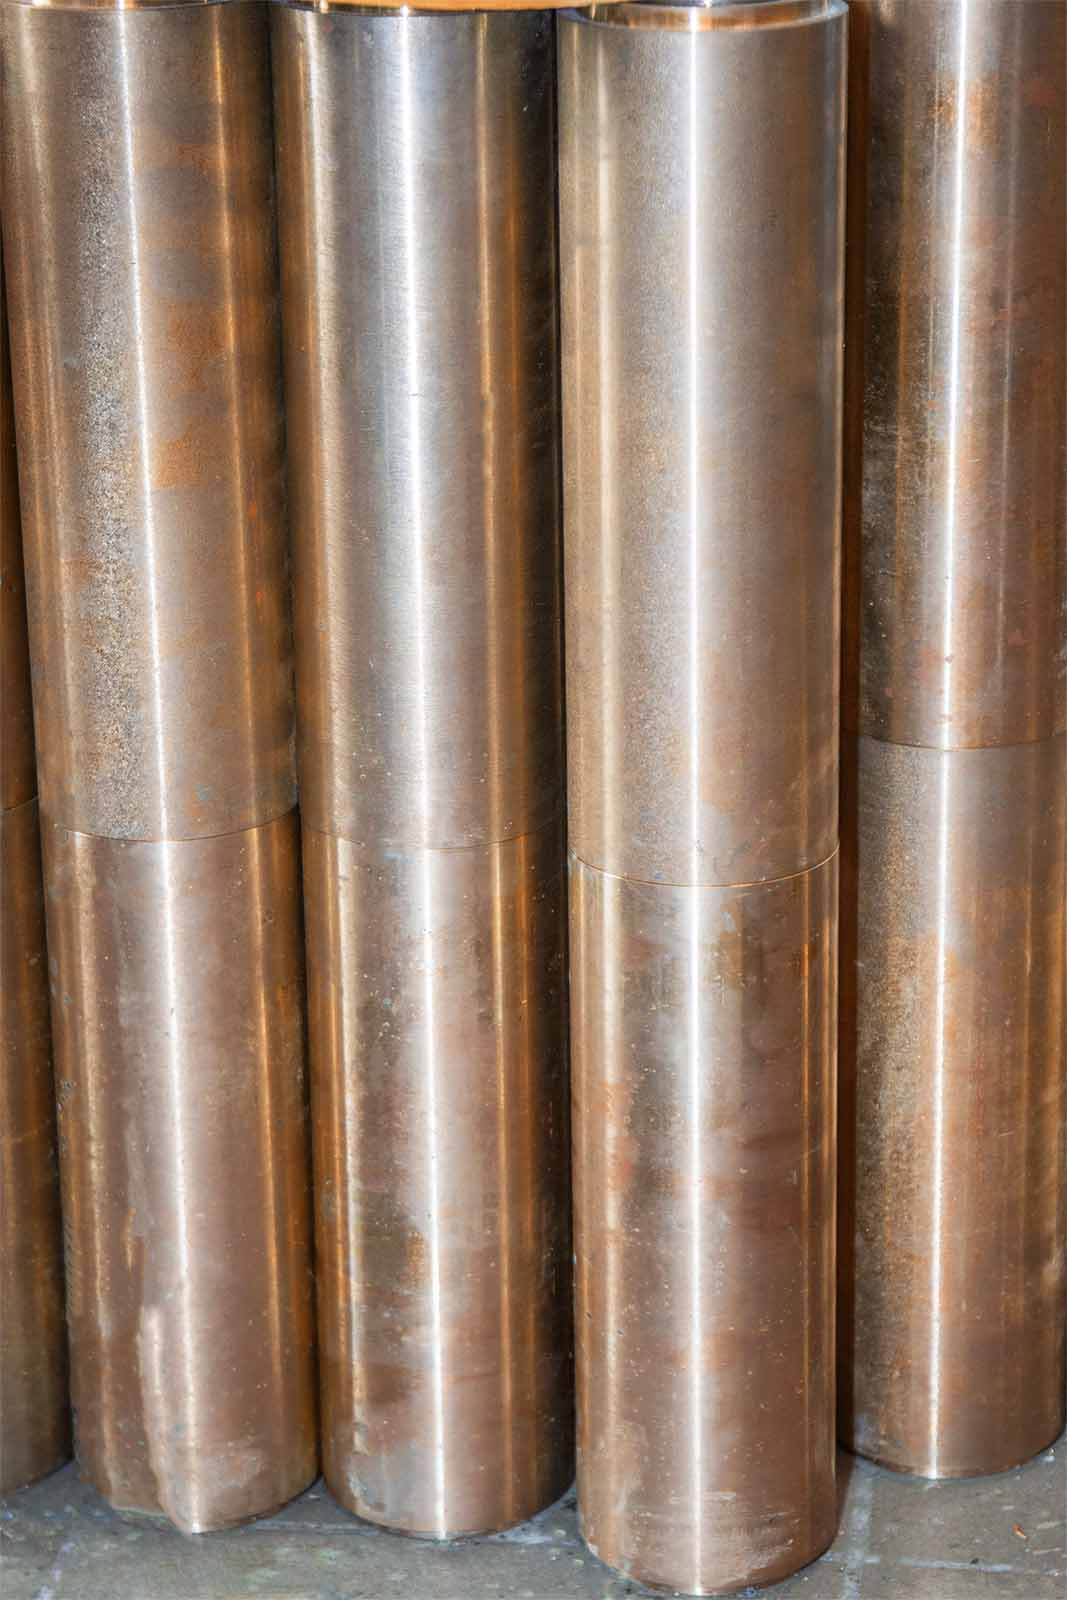 Цилиндрическая бронзовая мишень (анод) для установки вакуумного ионно-плазменного напыления